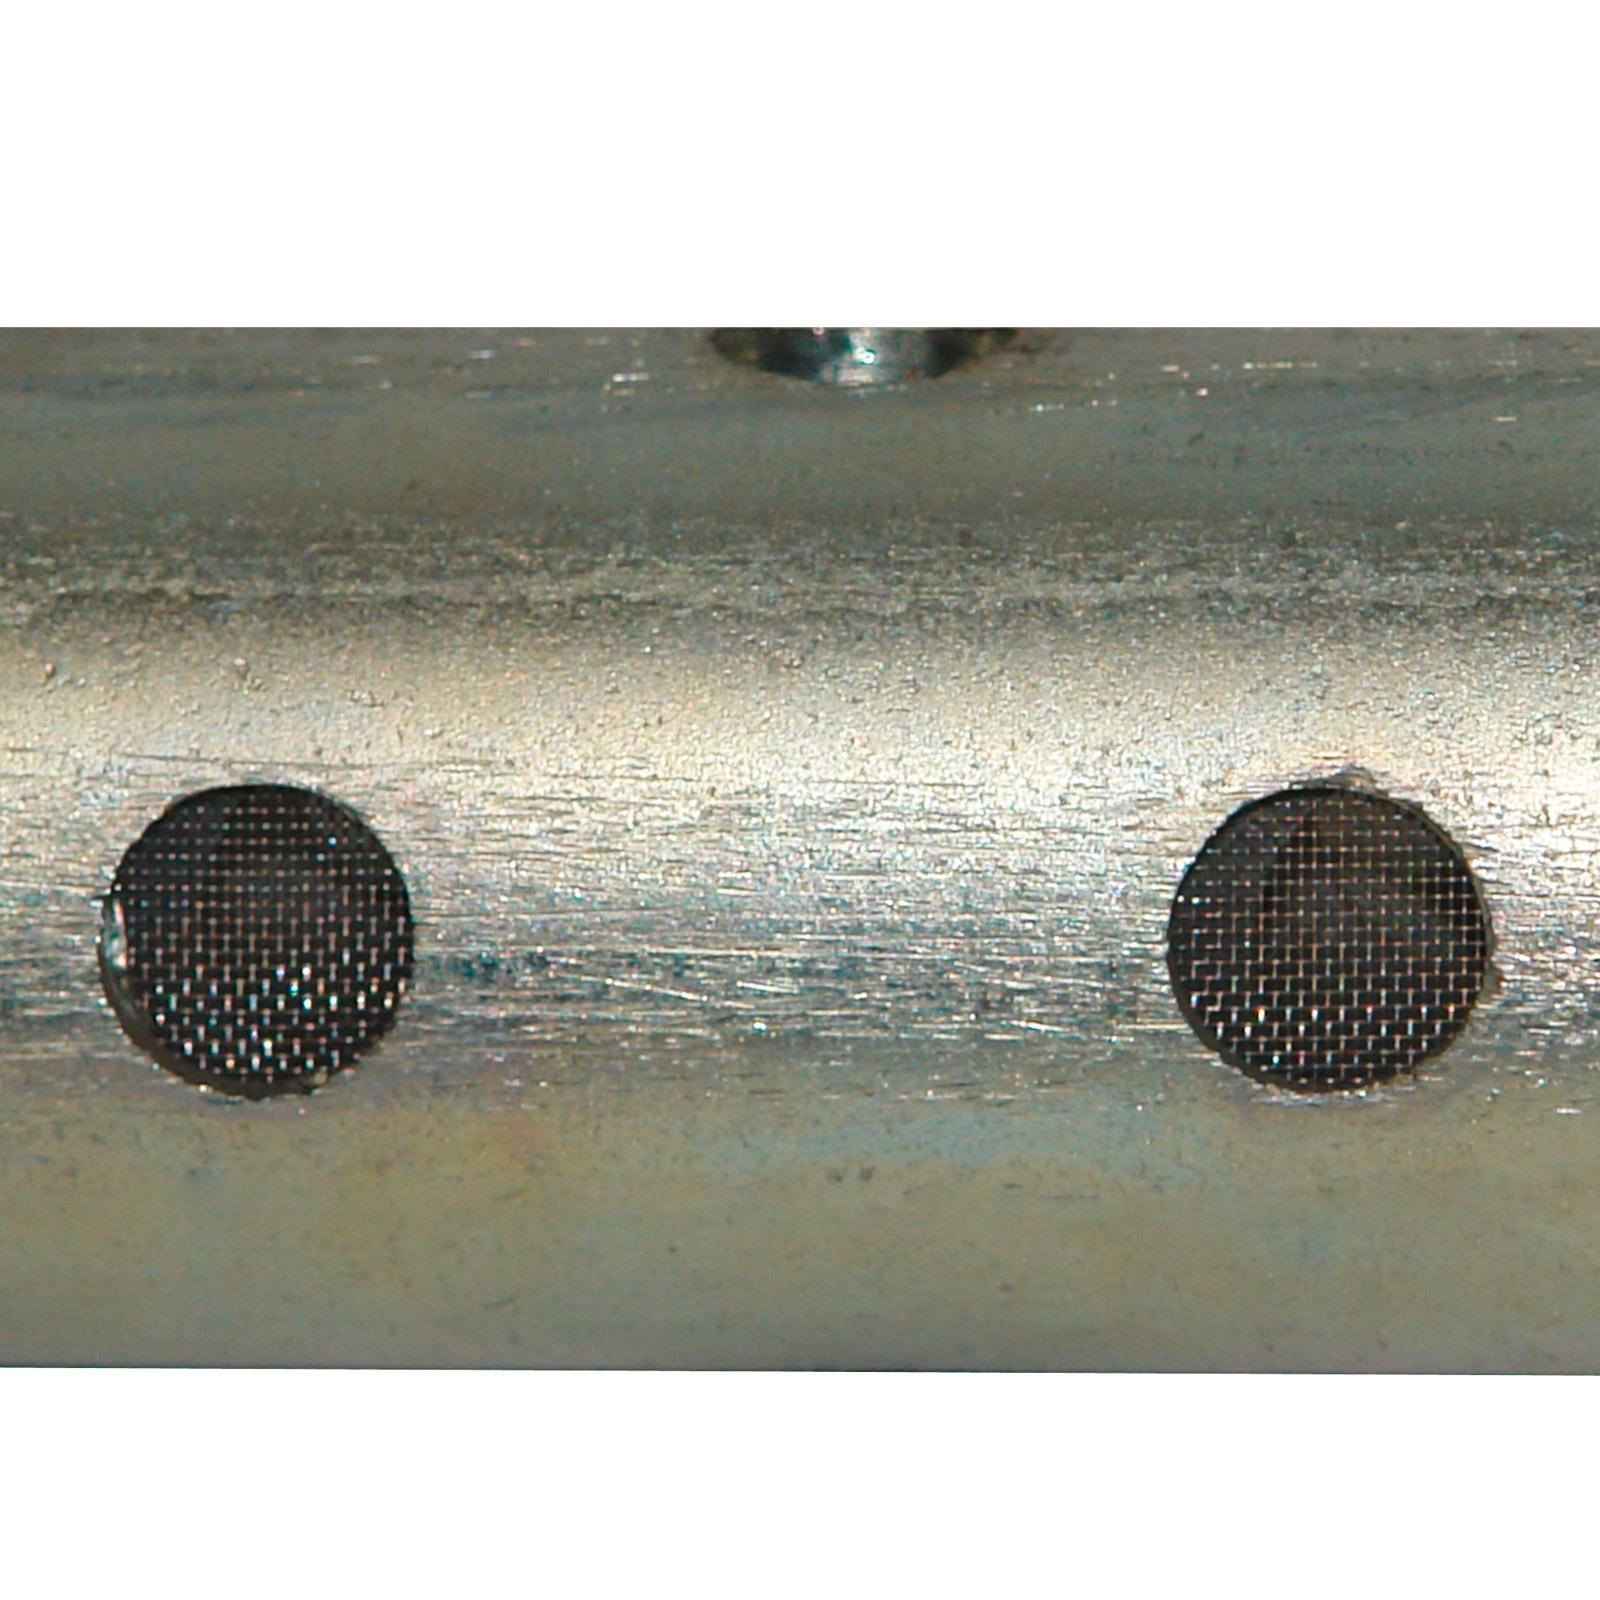 rammfilter verz. mit tresse für schwengelpumpen gartenpumpe